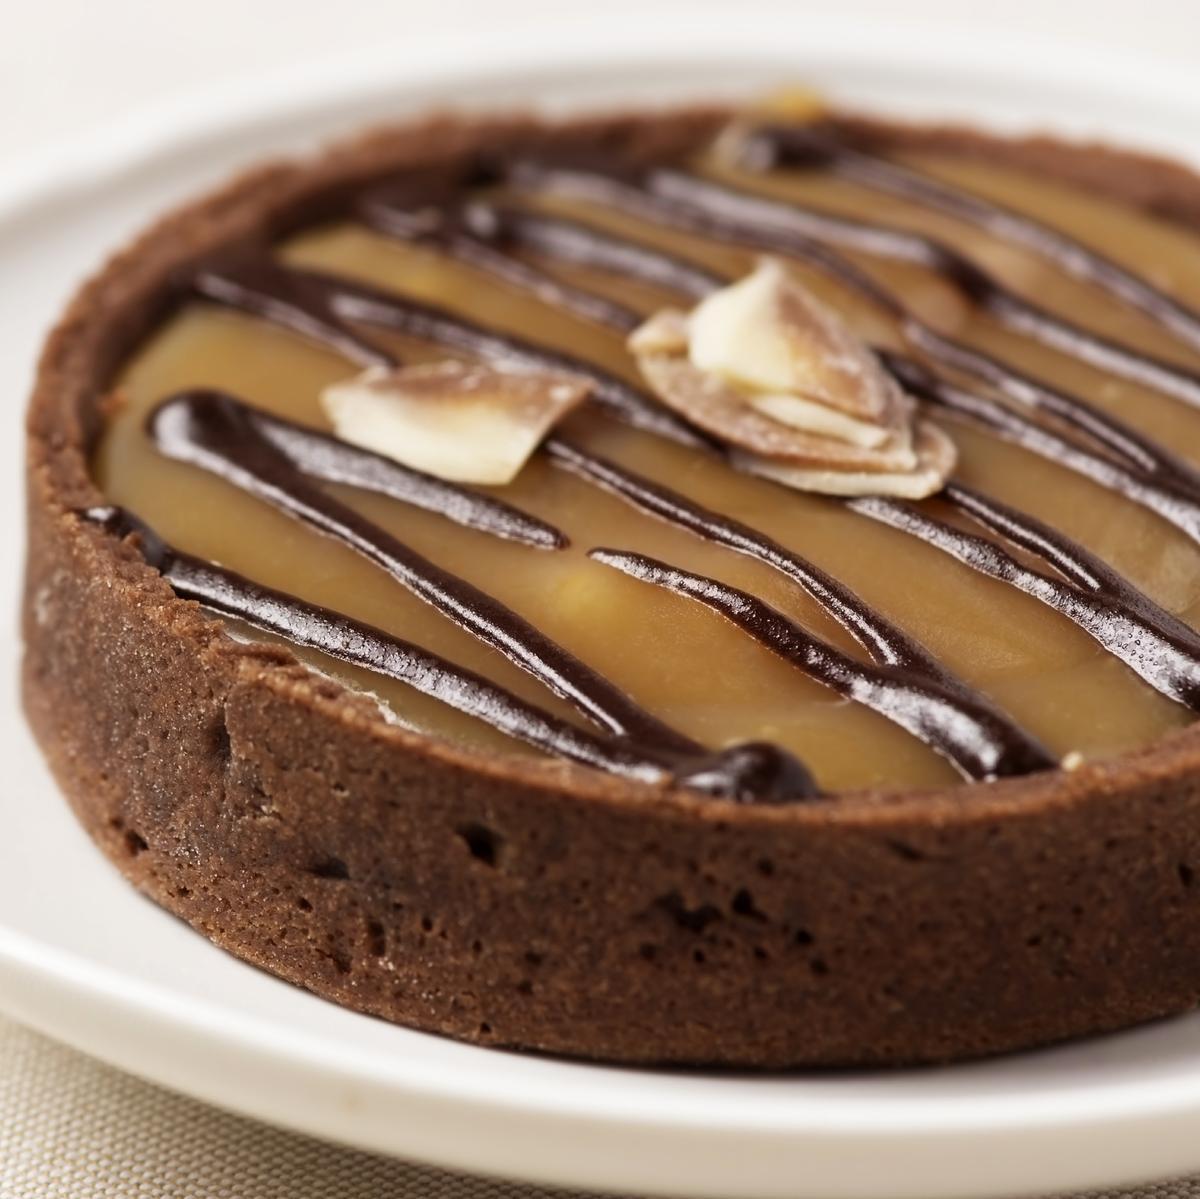 Recette tartelettes vanille caramel aux amandes grill es cuisine madame figaro - Recette chataignes grillees ...